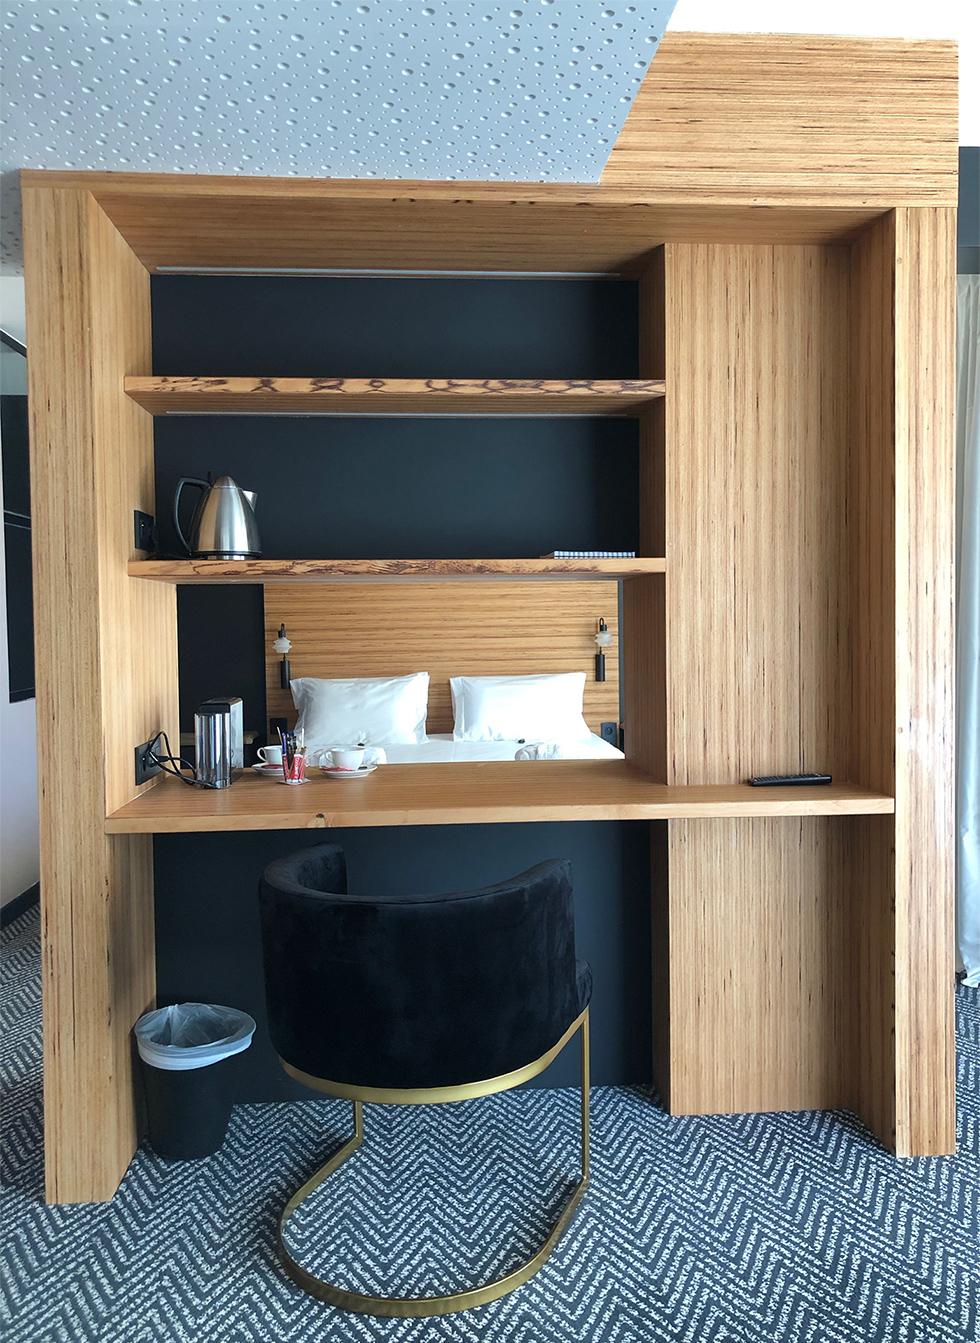 Suite luxe : meuble cloison